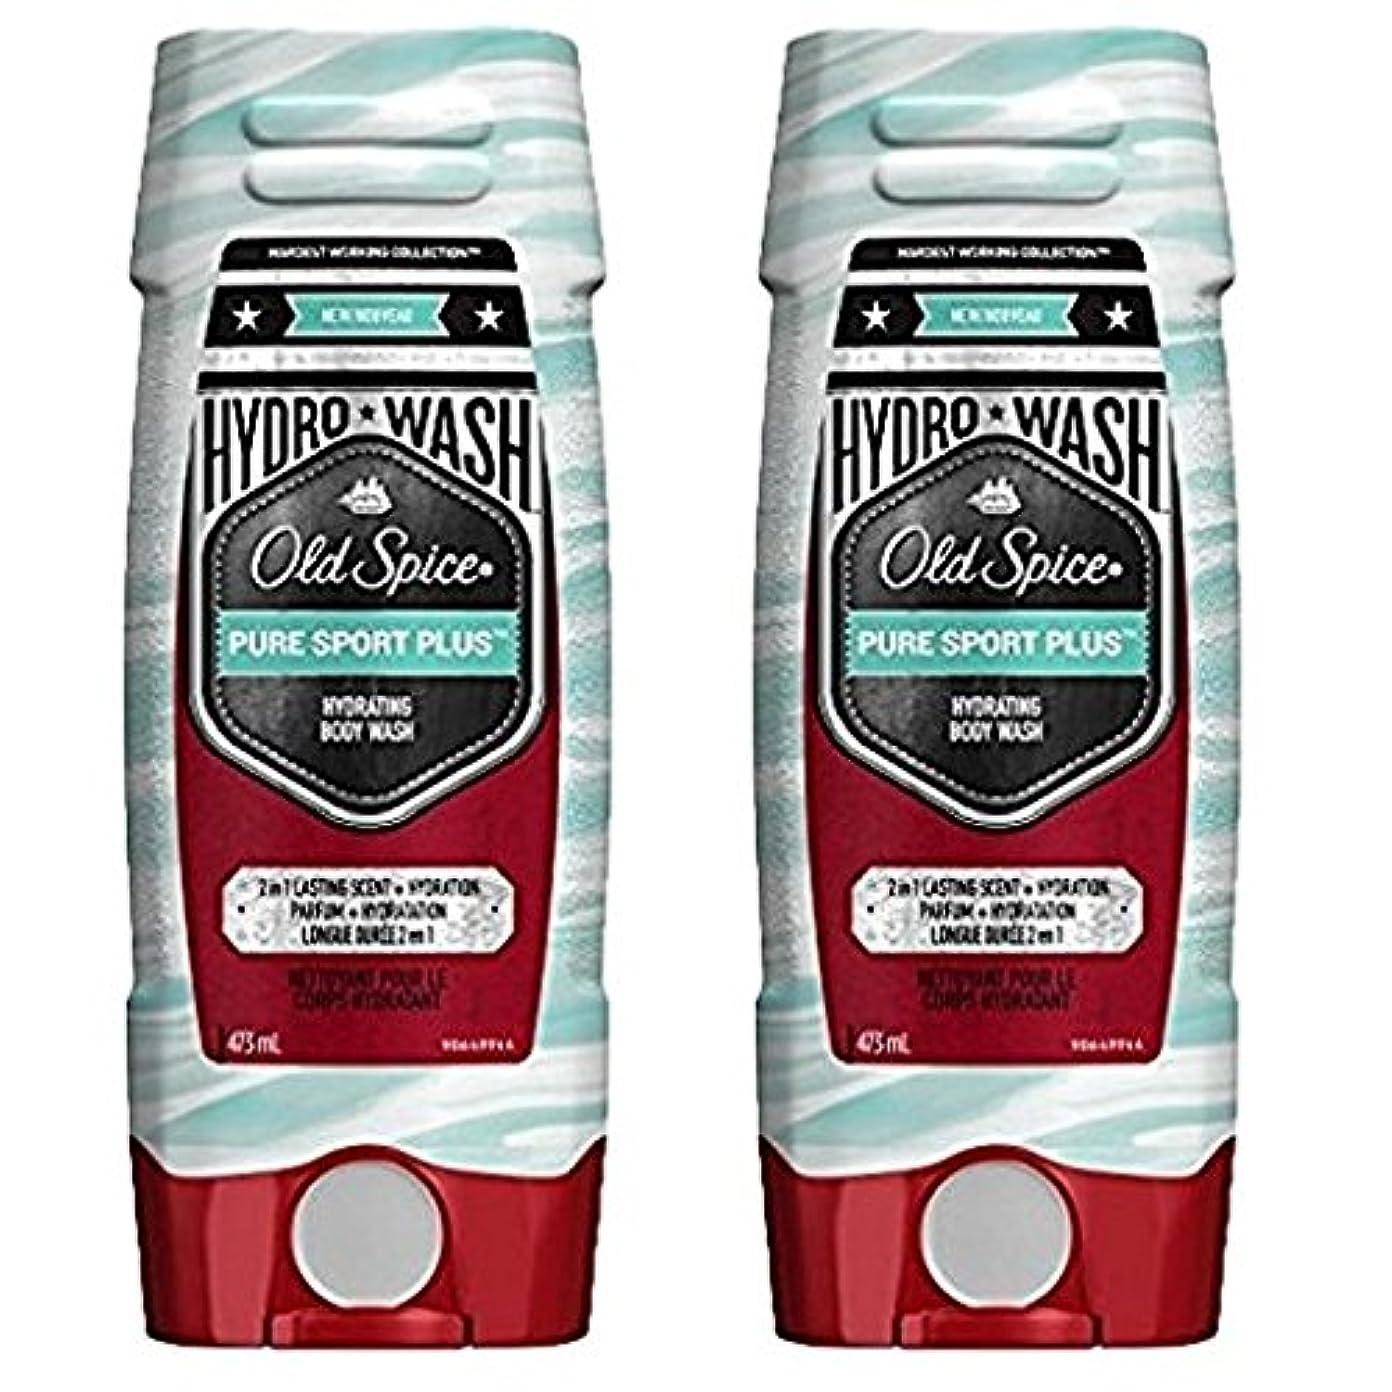 猫背箱スリップ海外直送品 Old Spice Hydro Wash Body Wash Hardest Working Collection Pure Sport Plus 16 Oz, 2 Pack ボディーソープ 2本